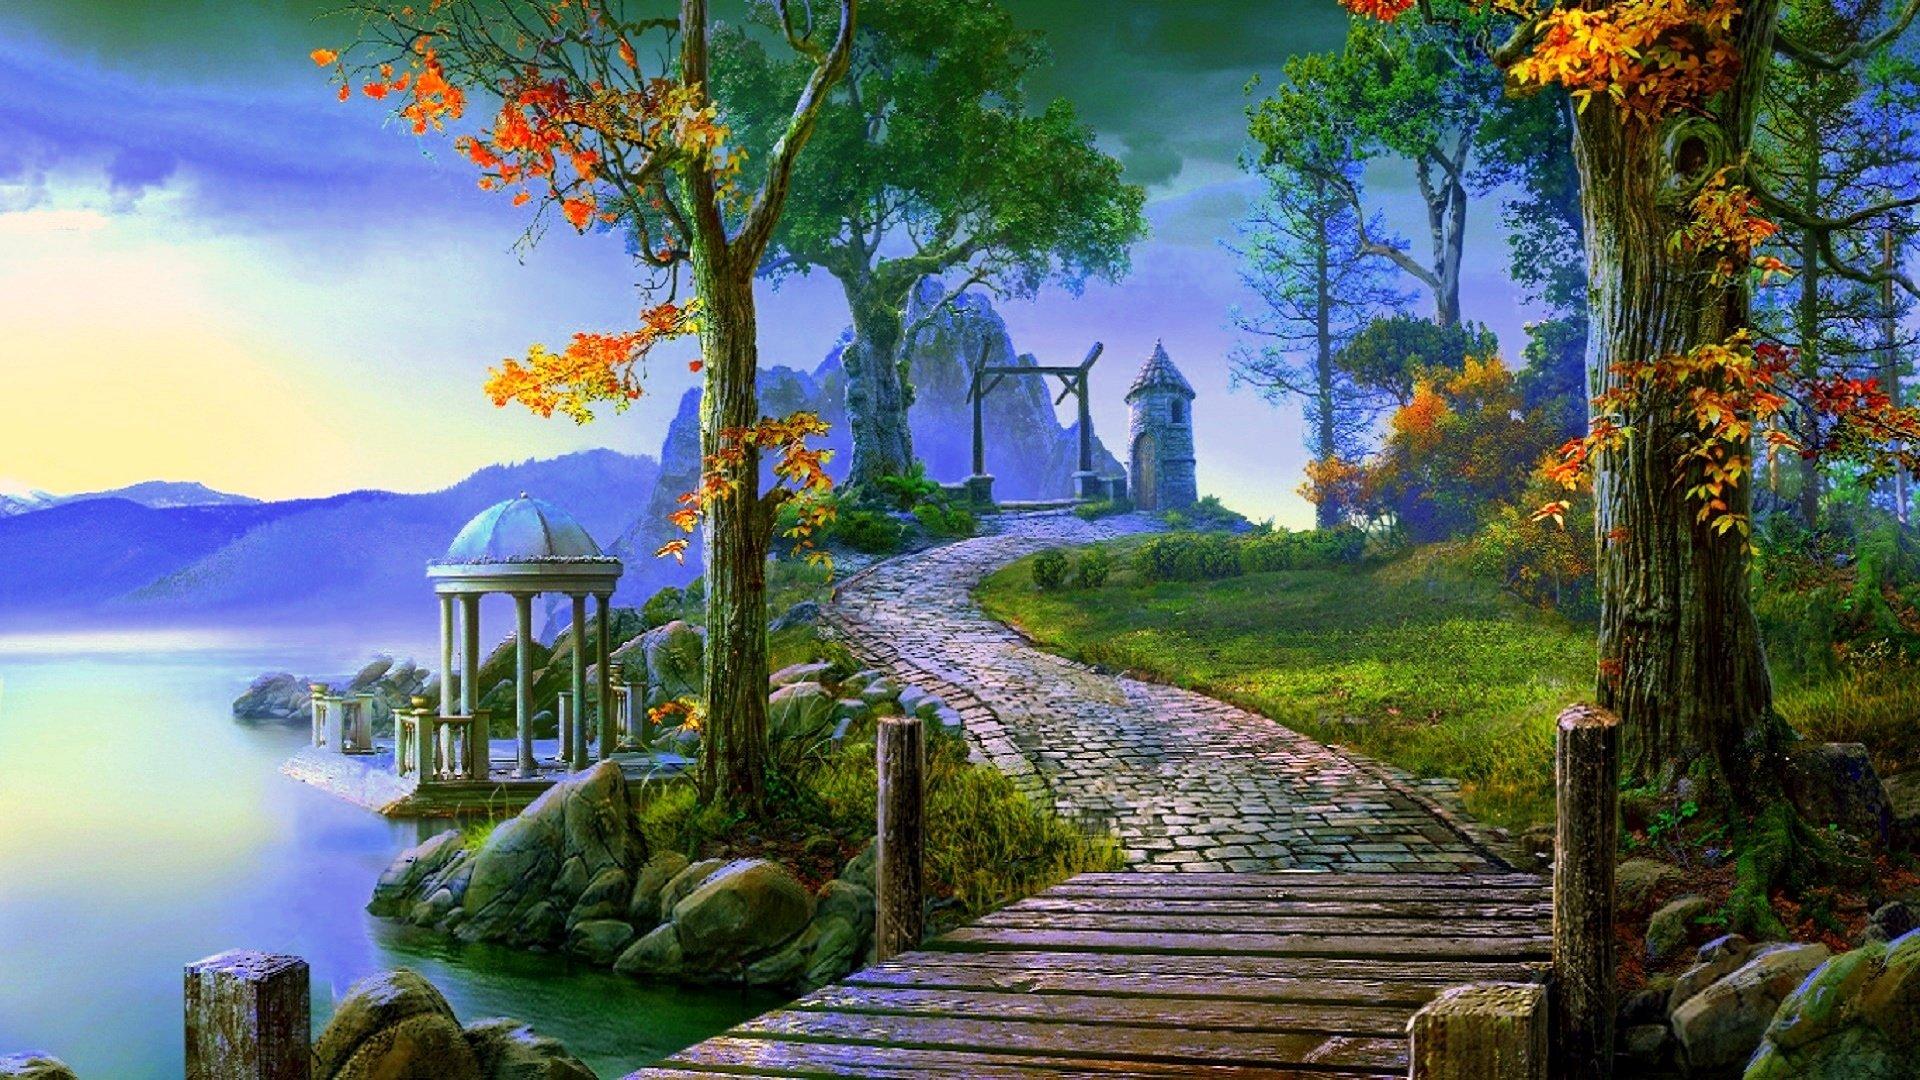 photo paysage hd